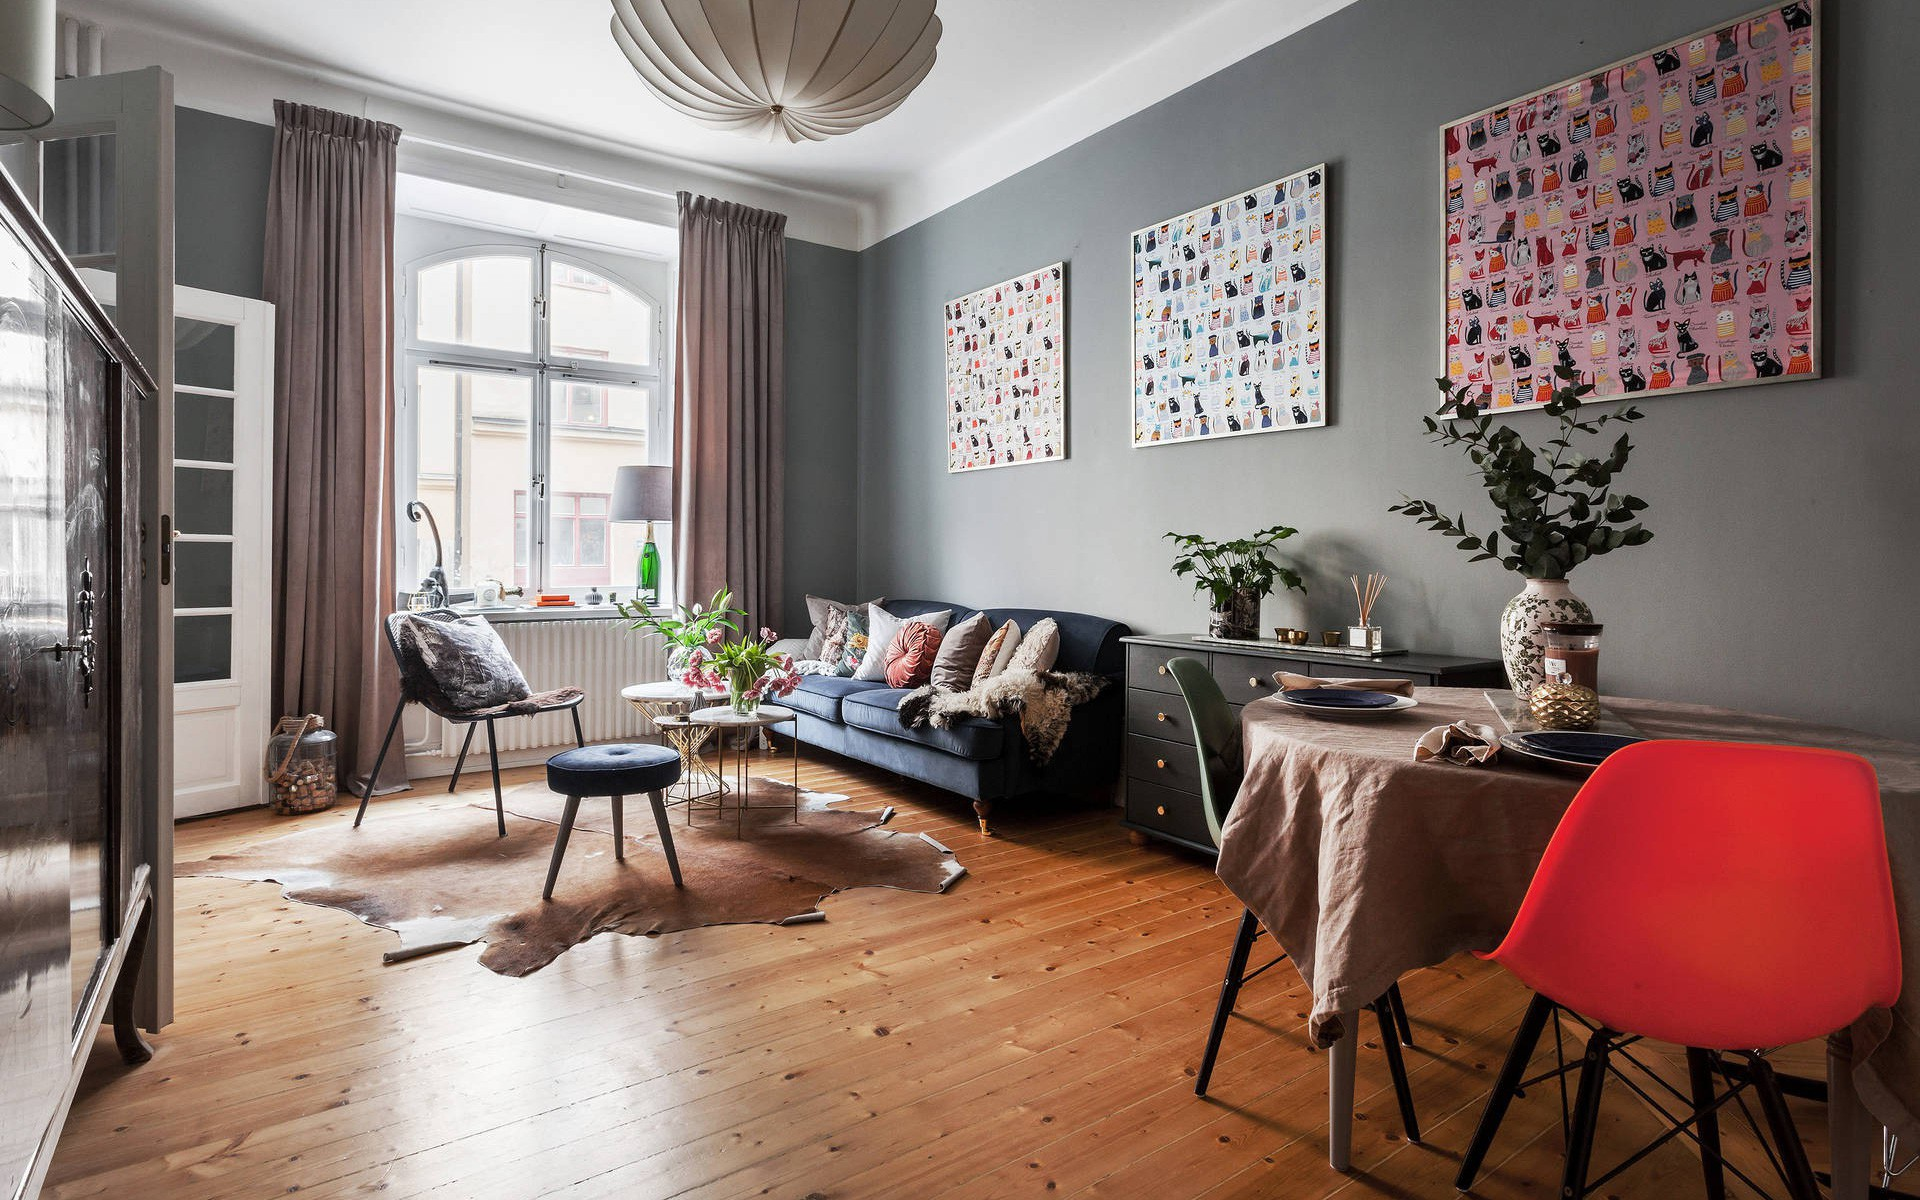 Căn hộ rộng 42m² với cách bài trí nội thất rất vừa mắt